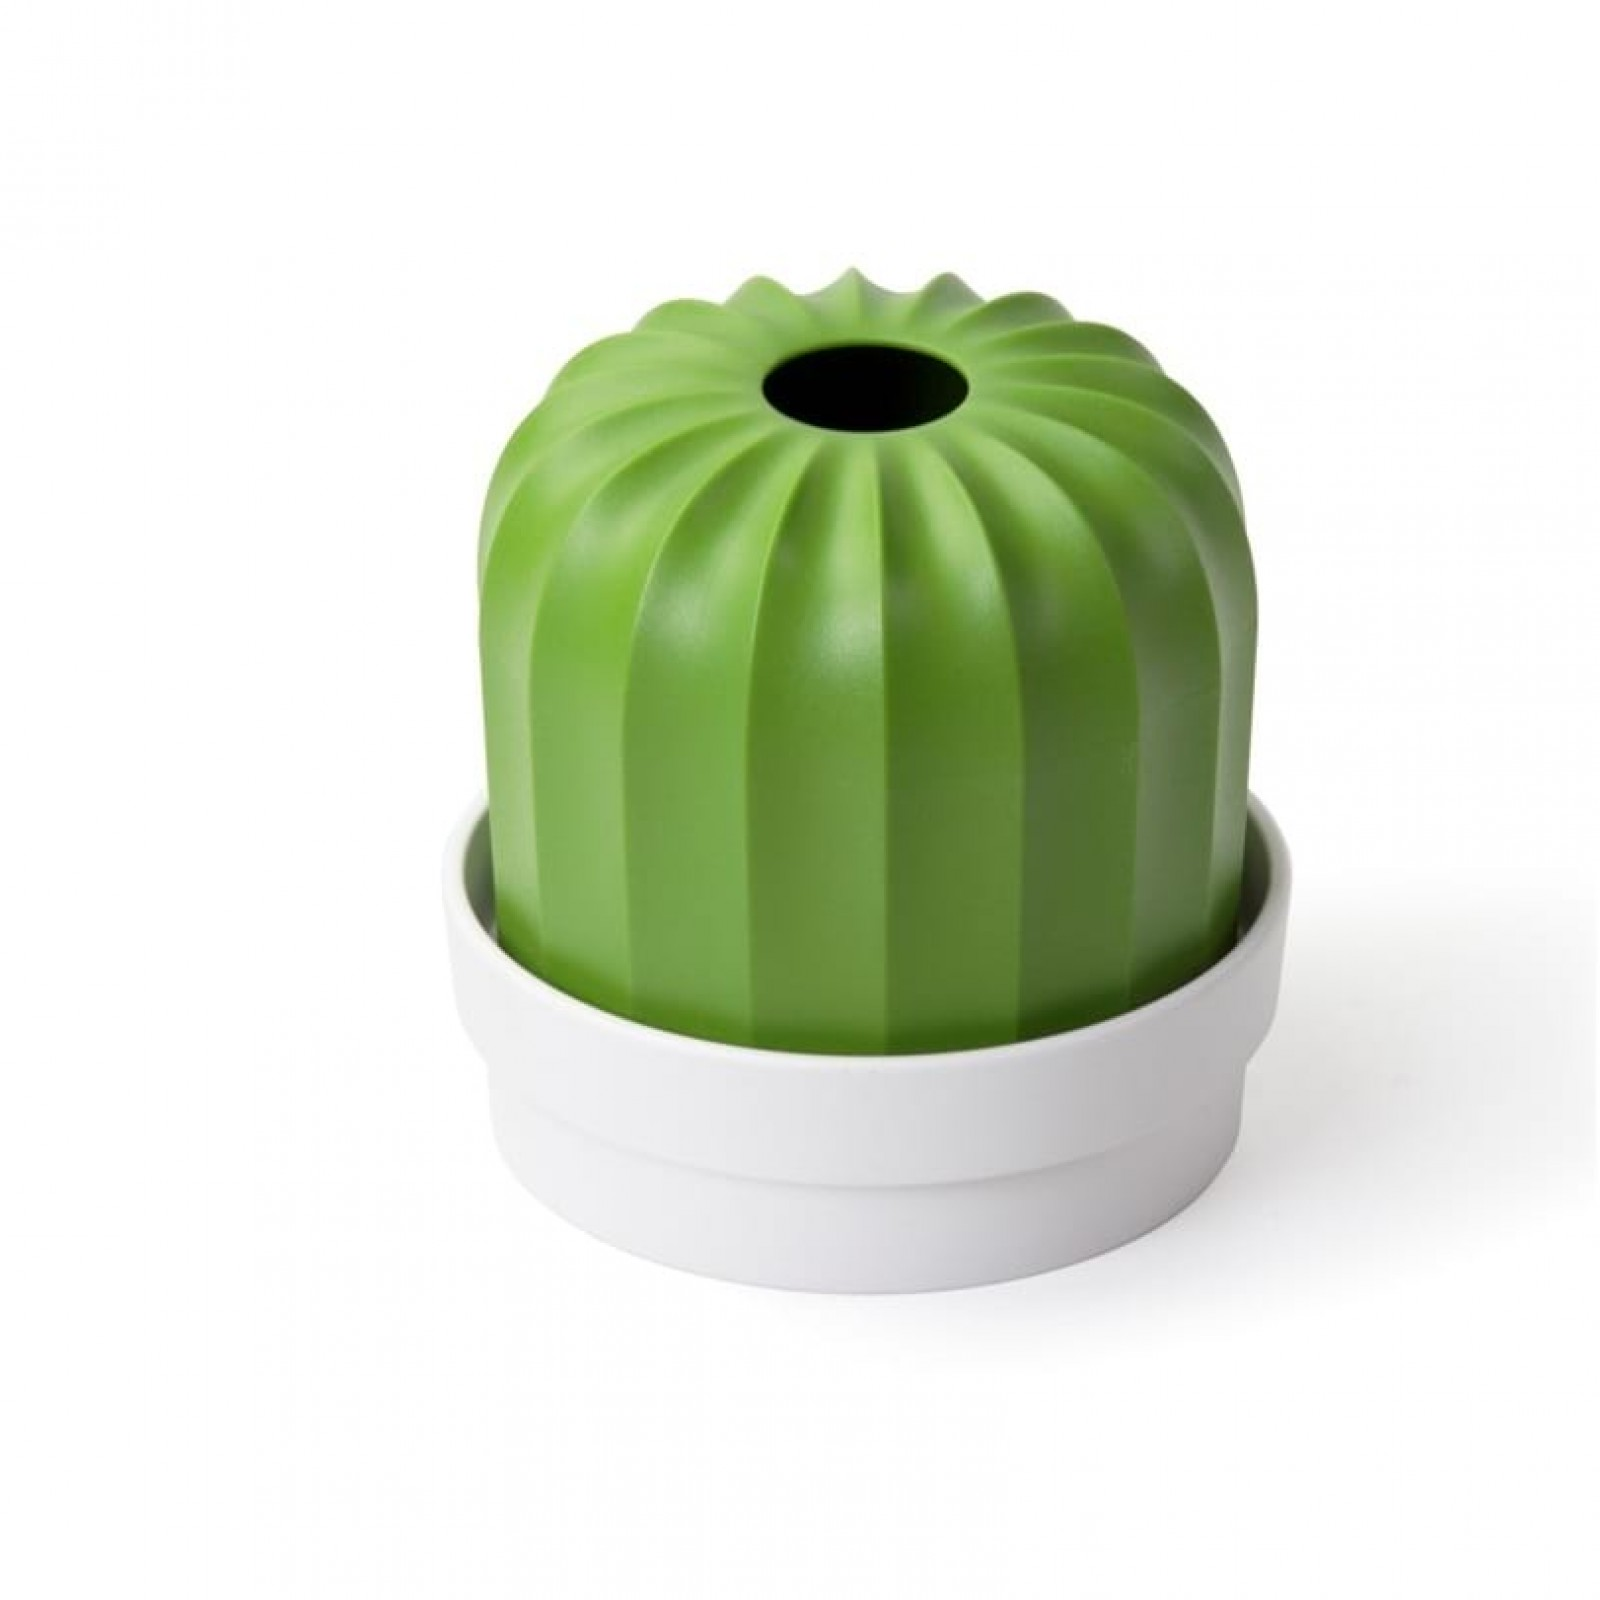 Θήκη για Χαρτομάντηλα ή Ρολό Υγείας & Γλαστράκι Cactiss (Πράσινο / Λευκό) - Qualy